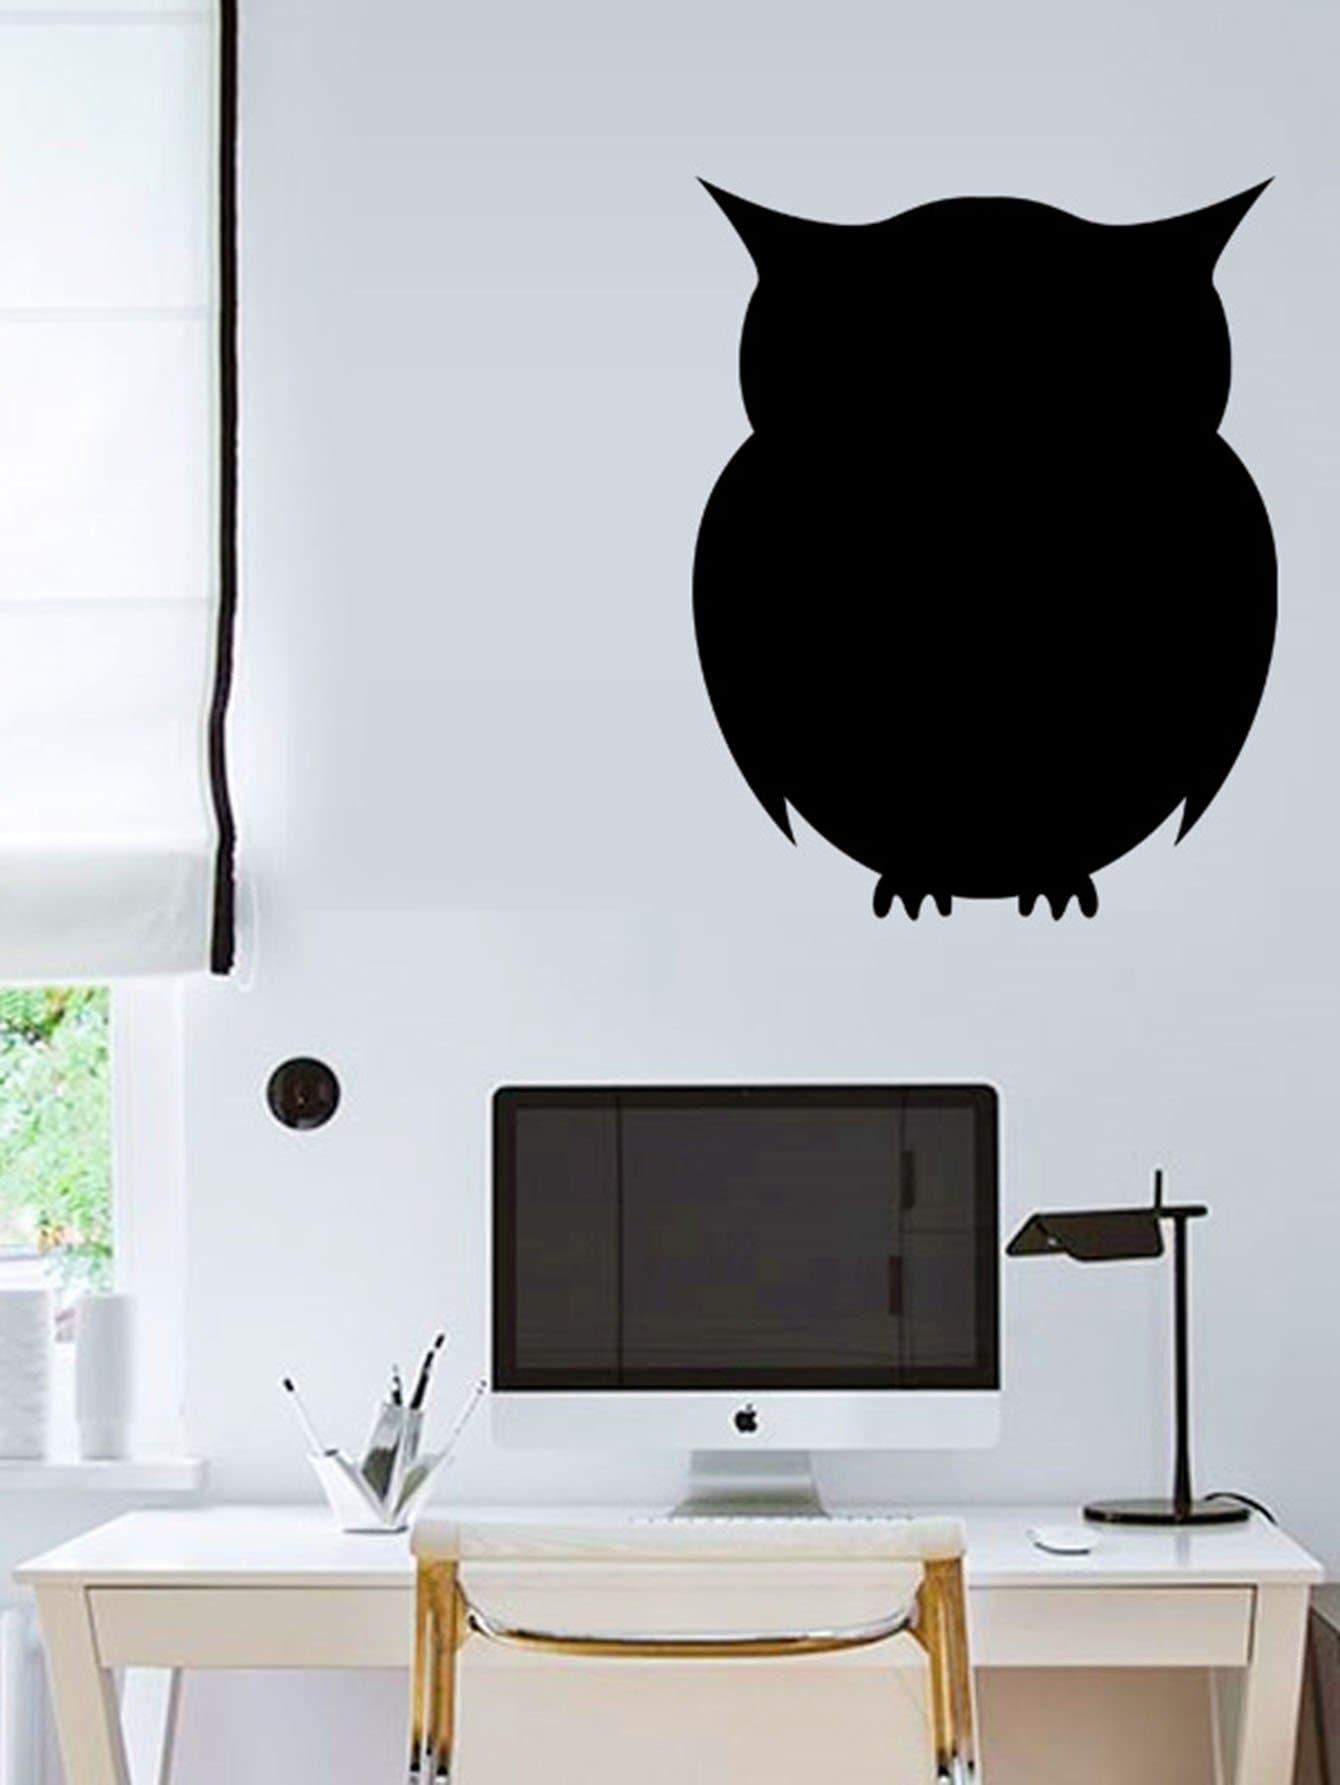 Owl Shaped Blackboard Sticker